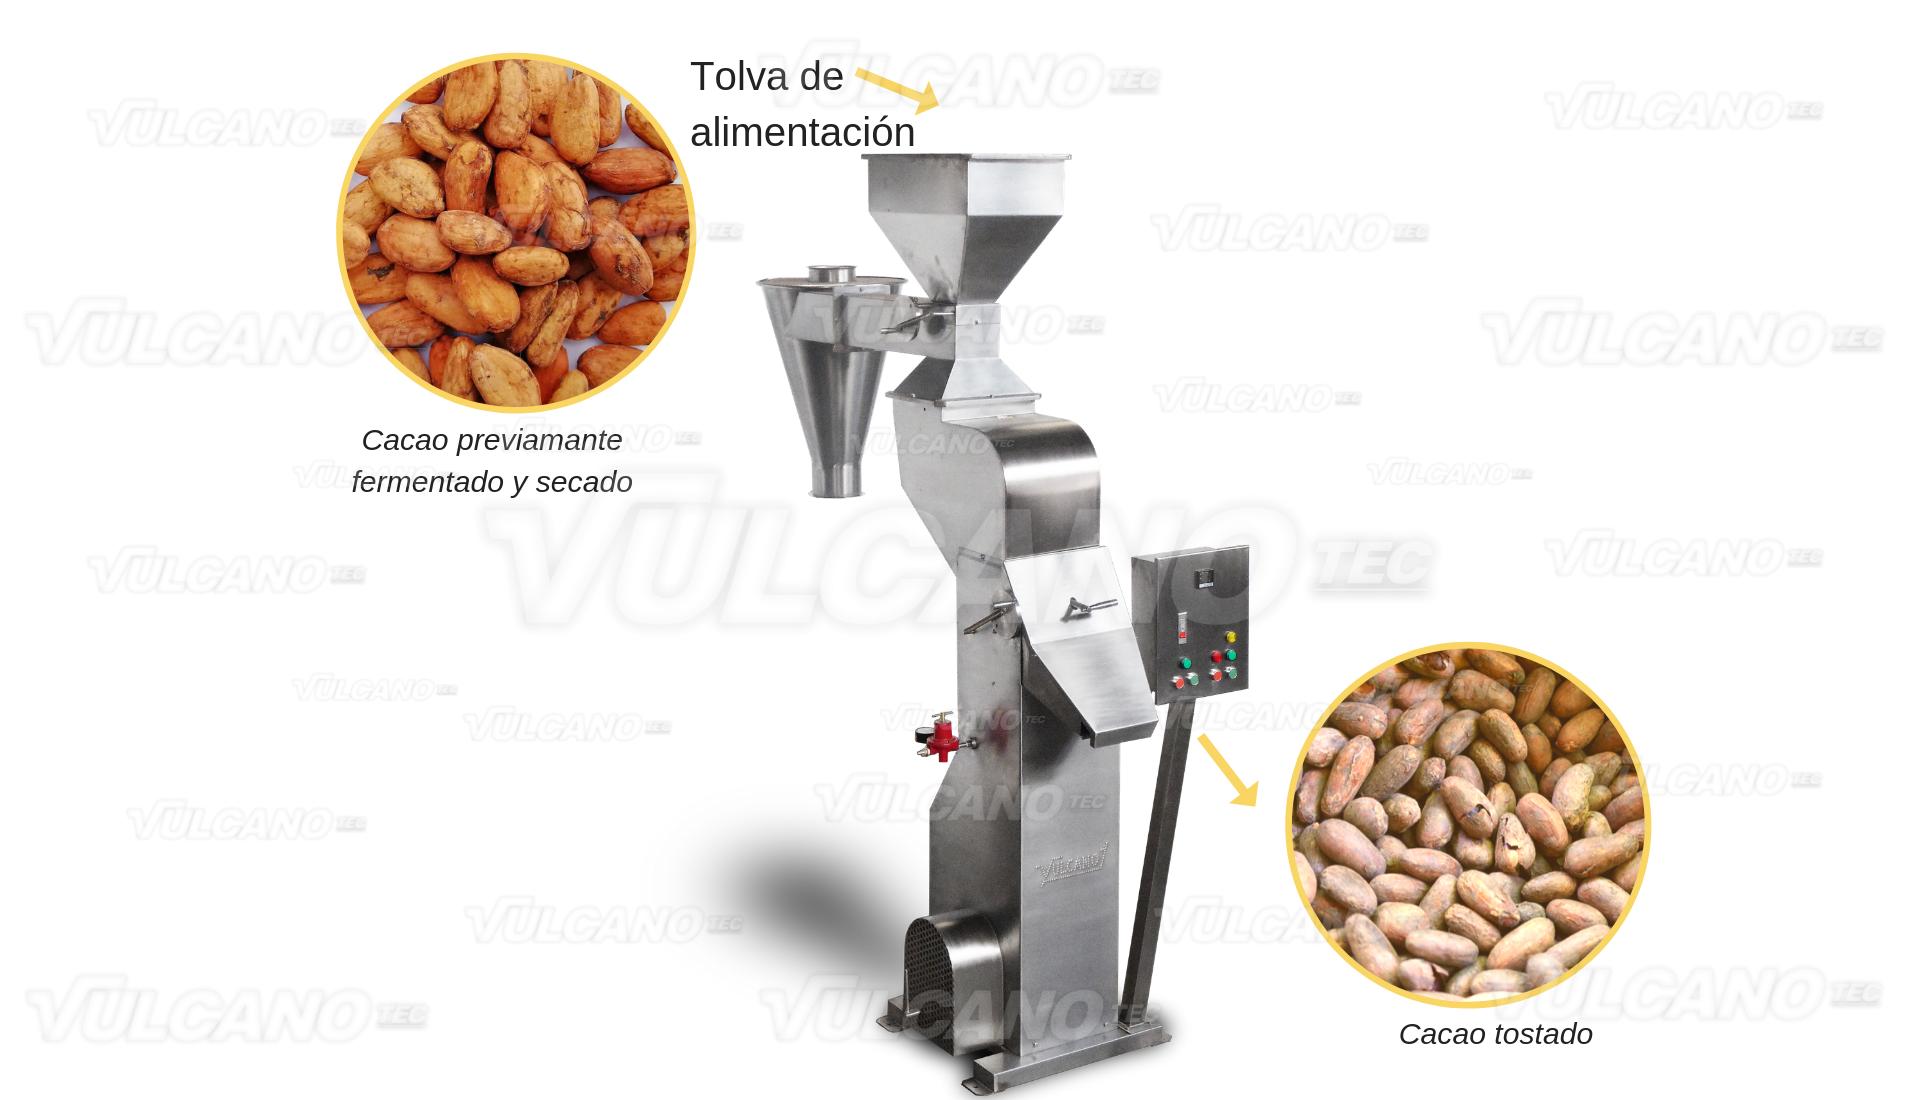 Tostadora - prueba con cacao